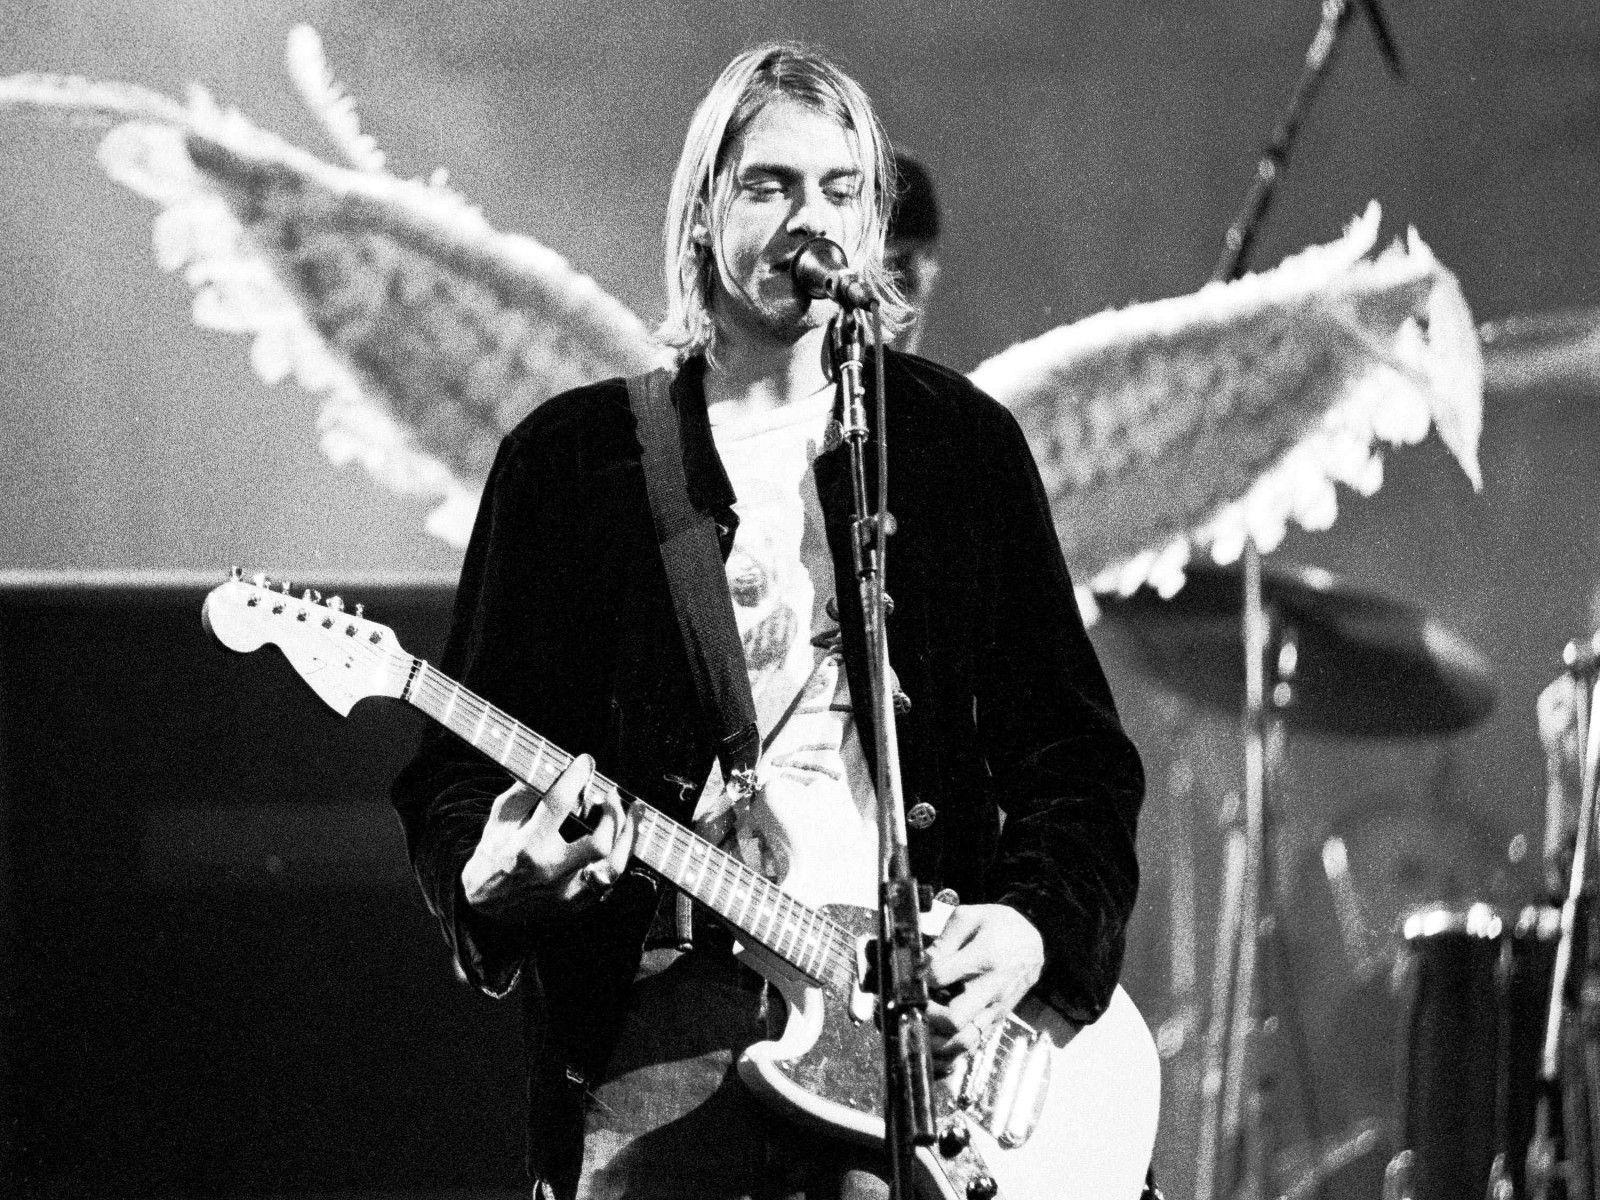 Kurt Cobain Wallpapers   Top Kurt Cobain Backgrounds 1600x1200